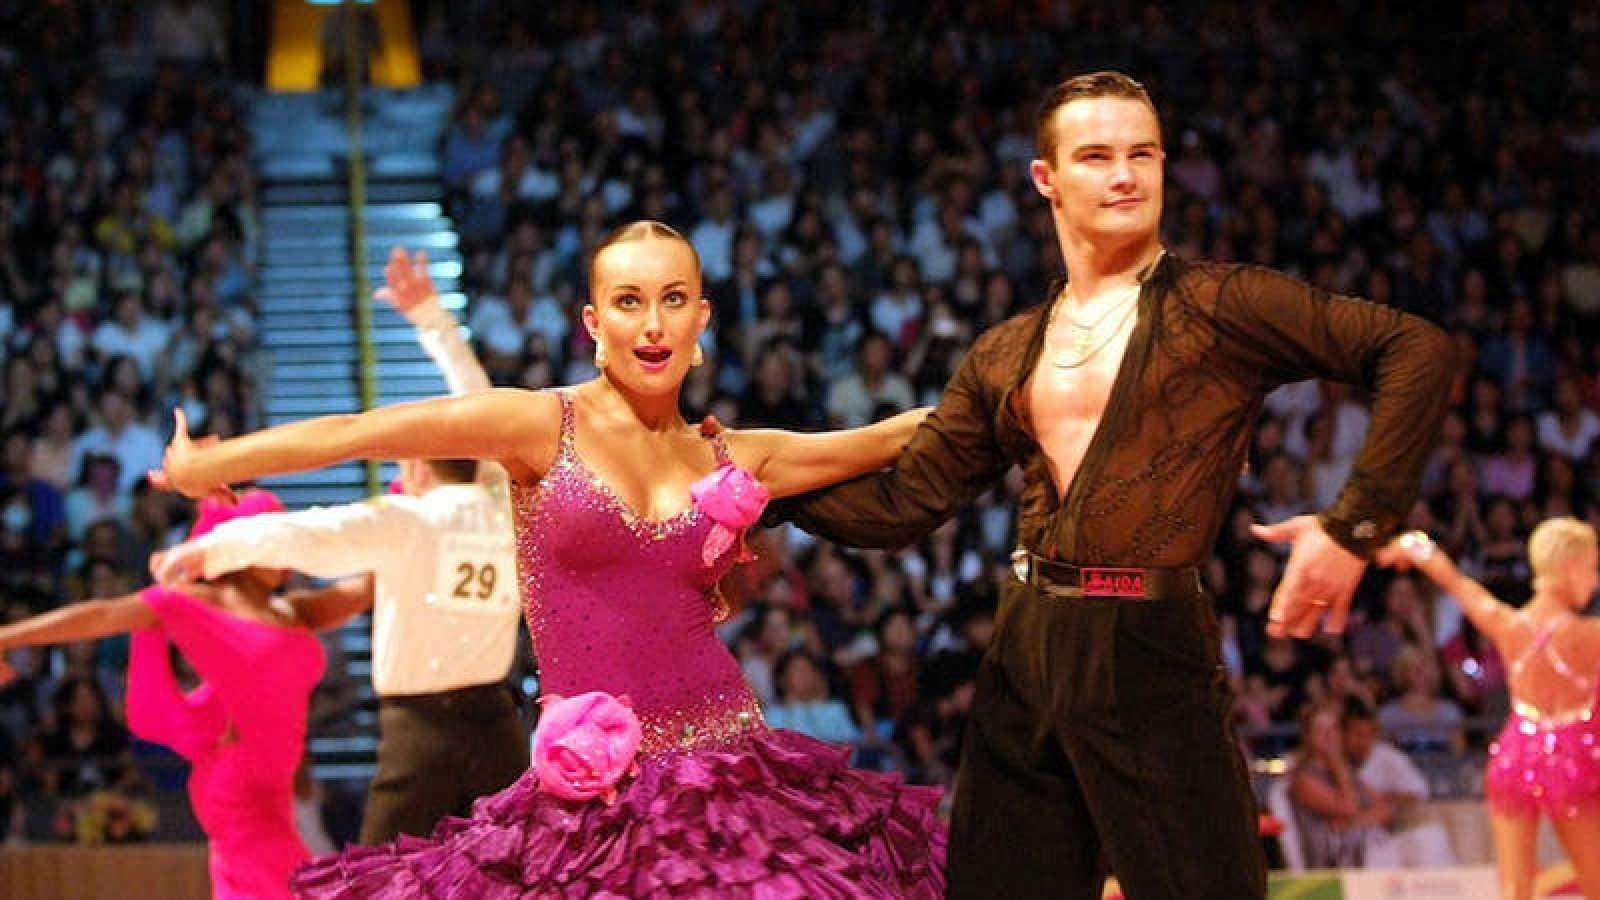 Una pareja baila en los World Games de Cali (Colombia) en 2013